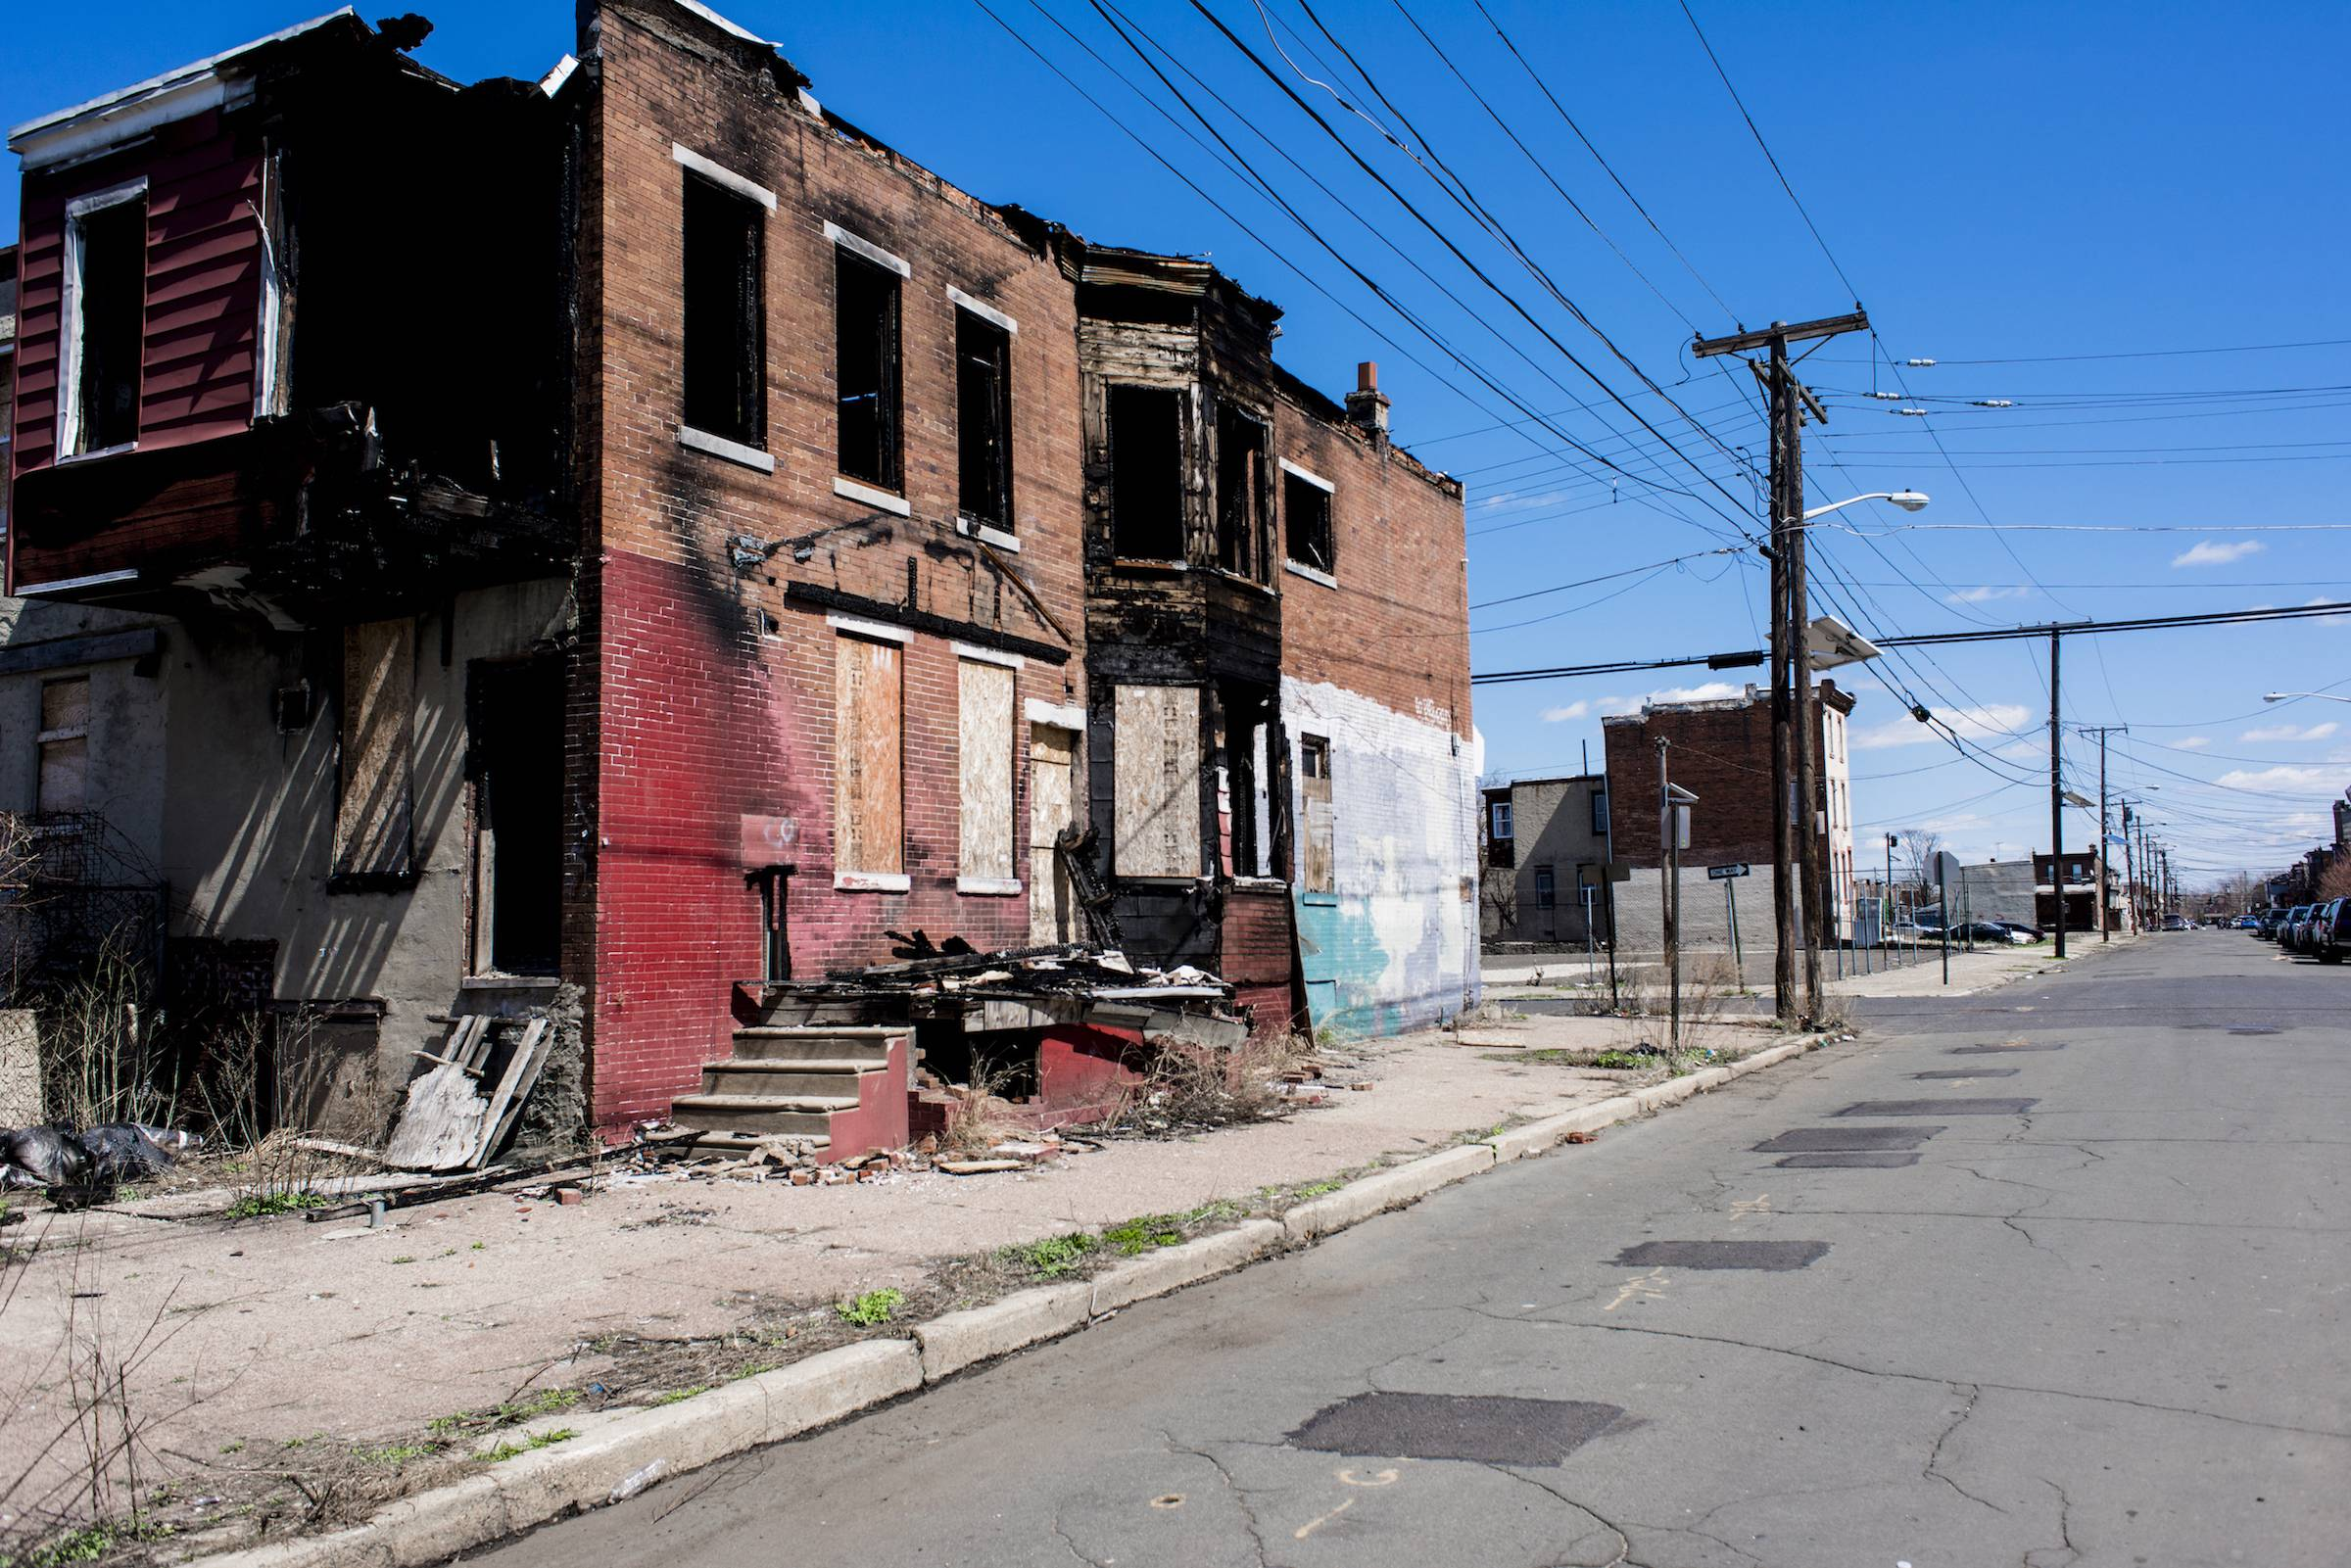 De acuerdo a estadísticas, en el 2013, había cuatro mil estructuras abandonadas en Camden. Foto: Den Sweeney